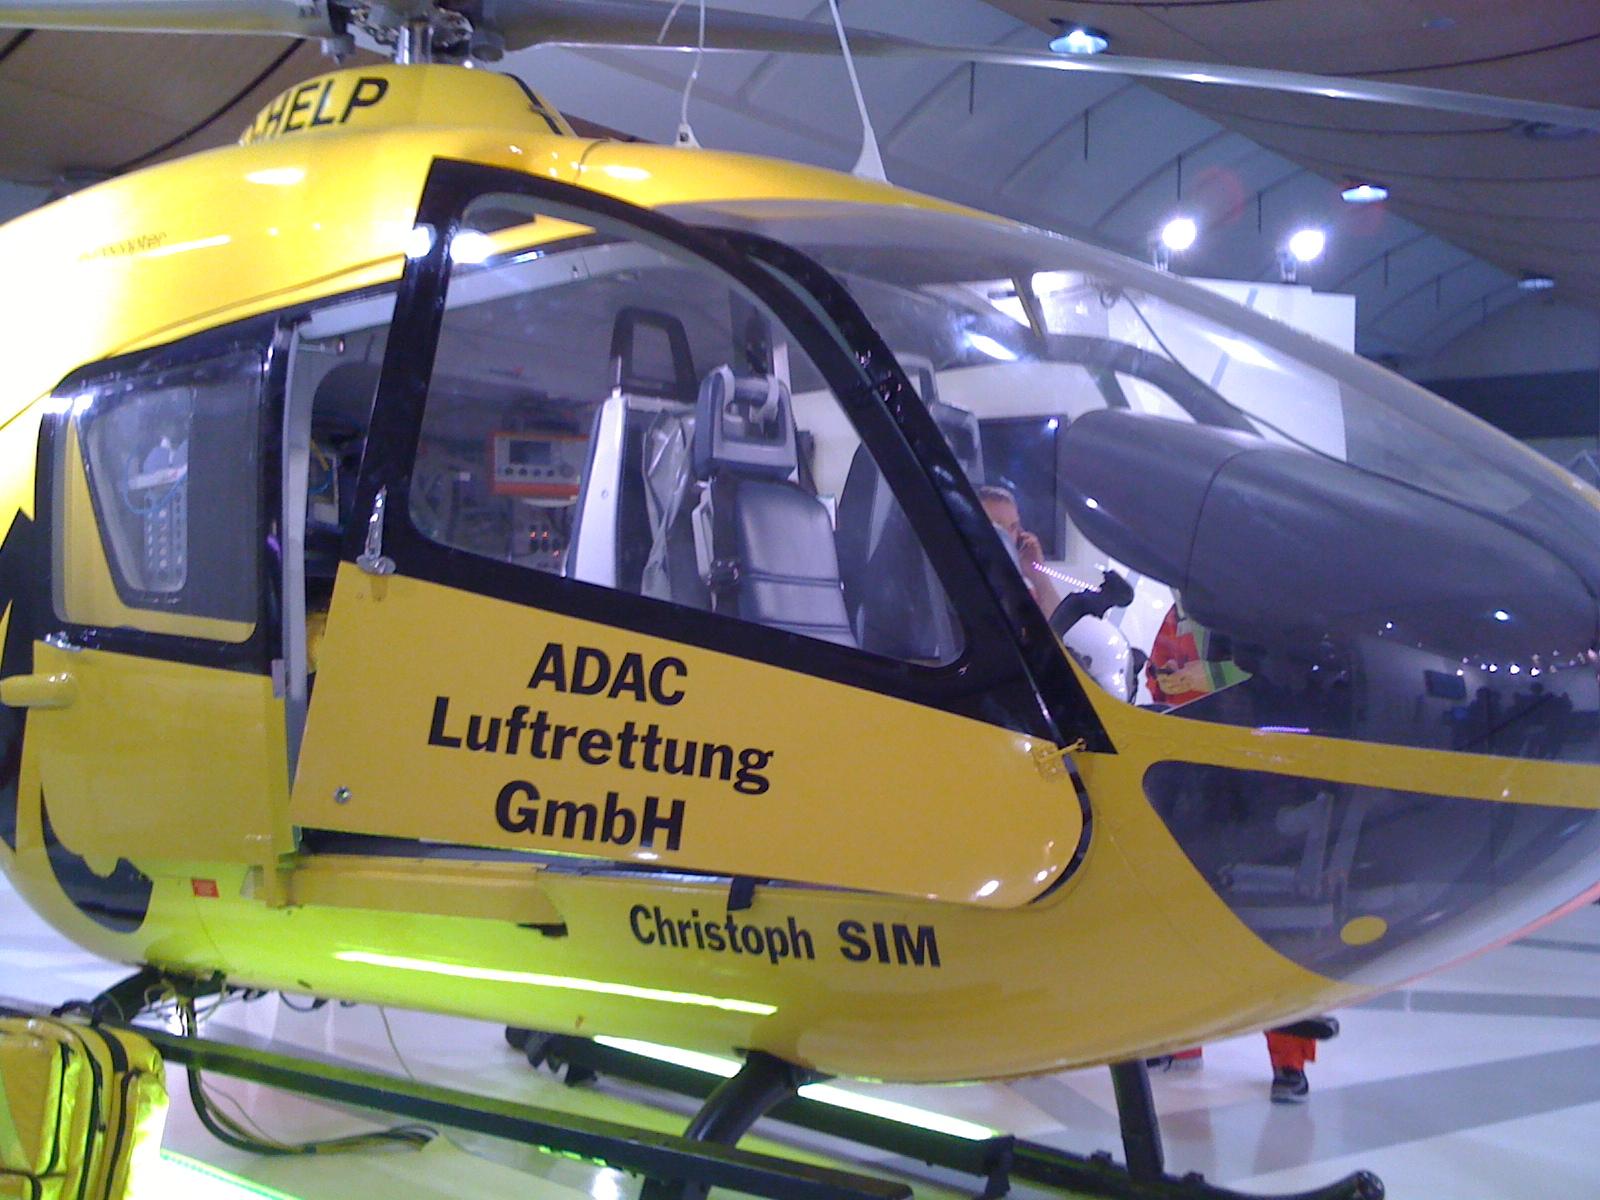 Hubschrauber - Cebit 2010